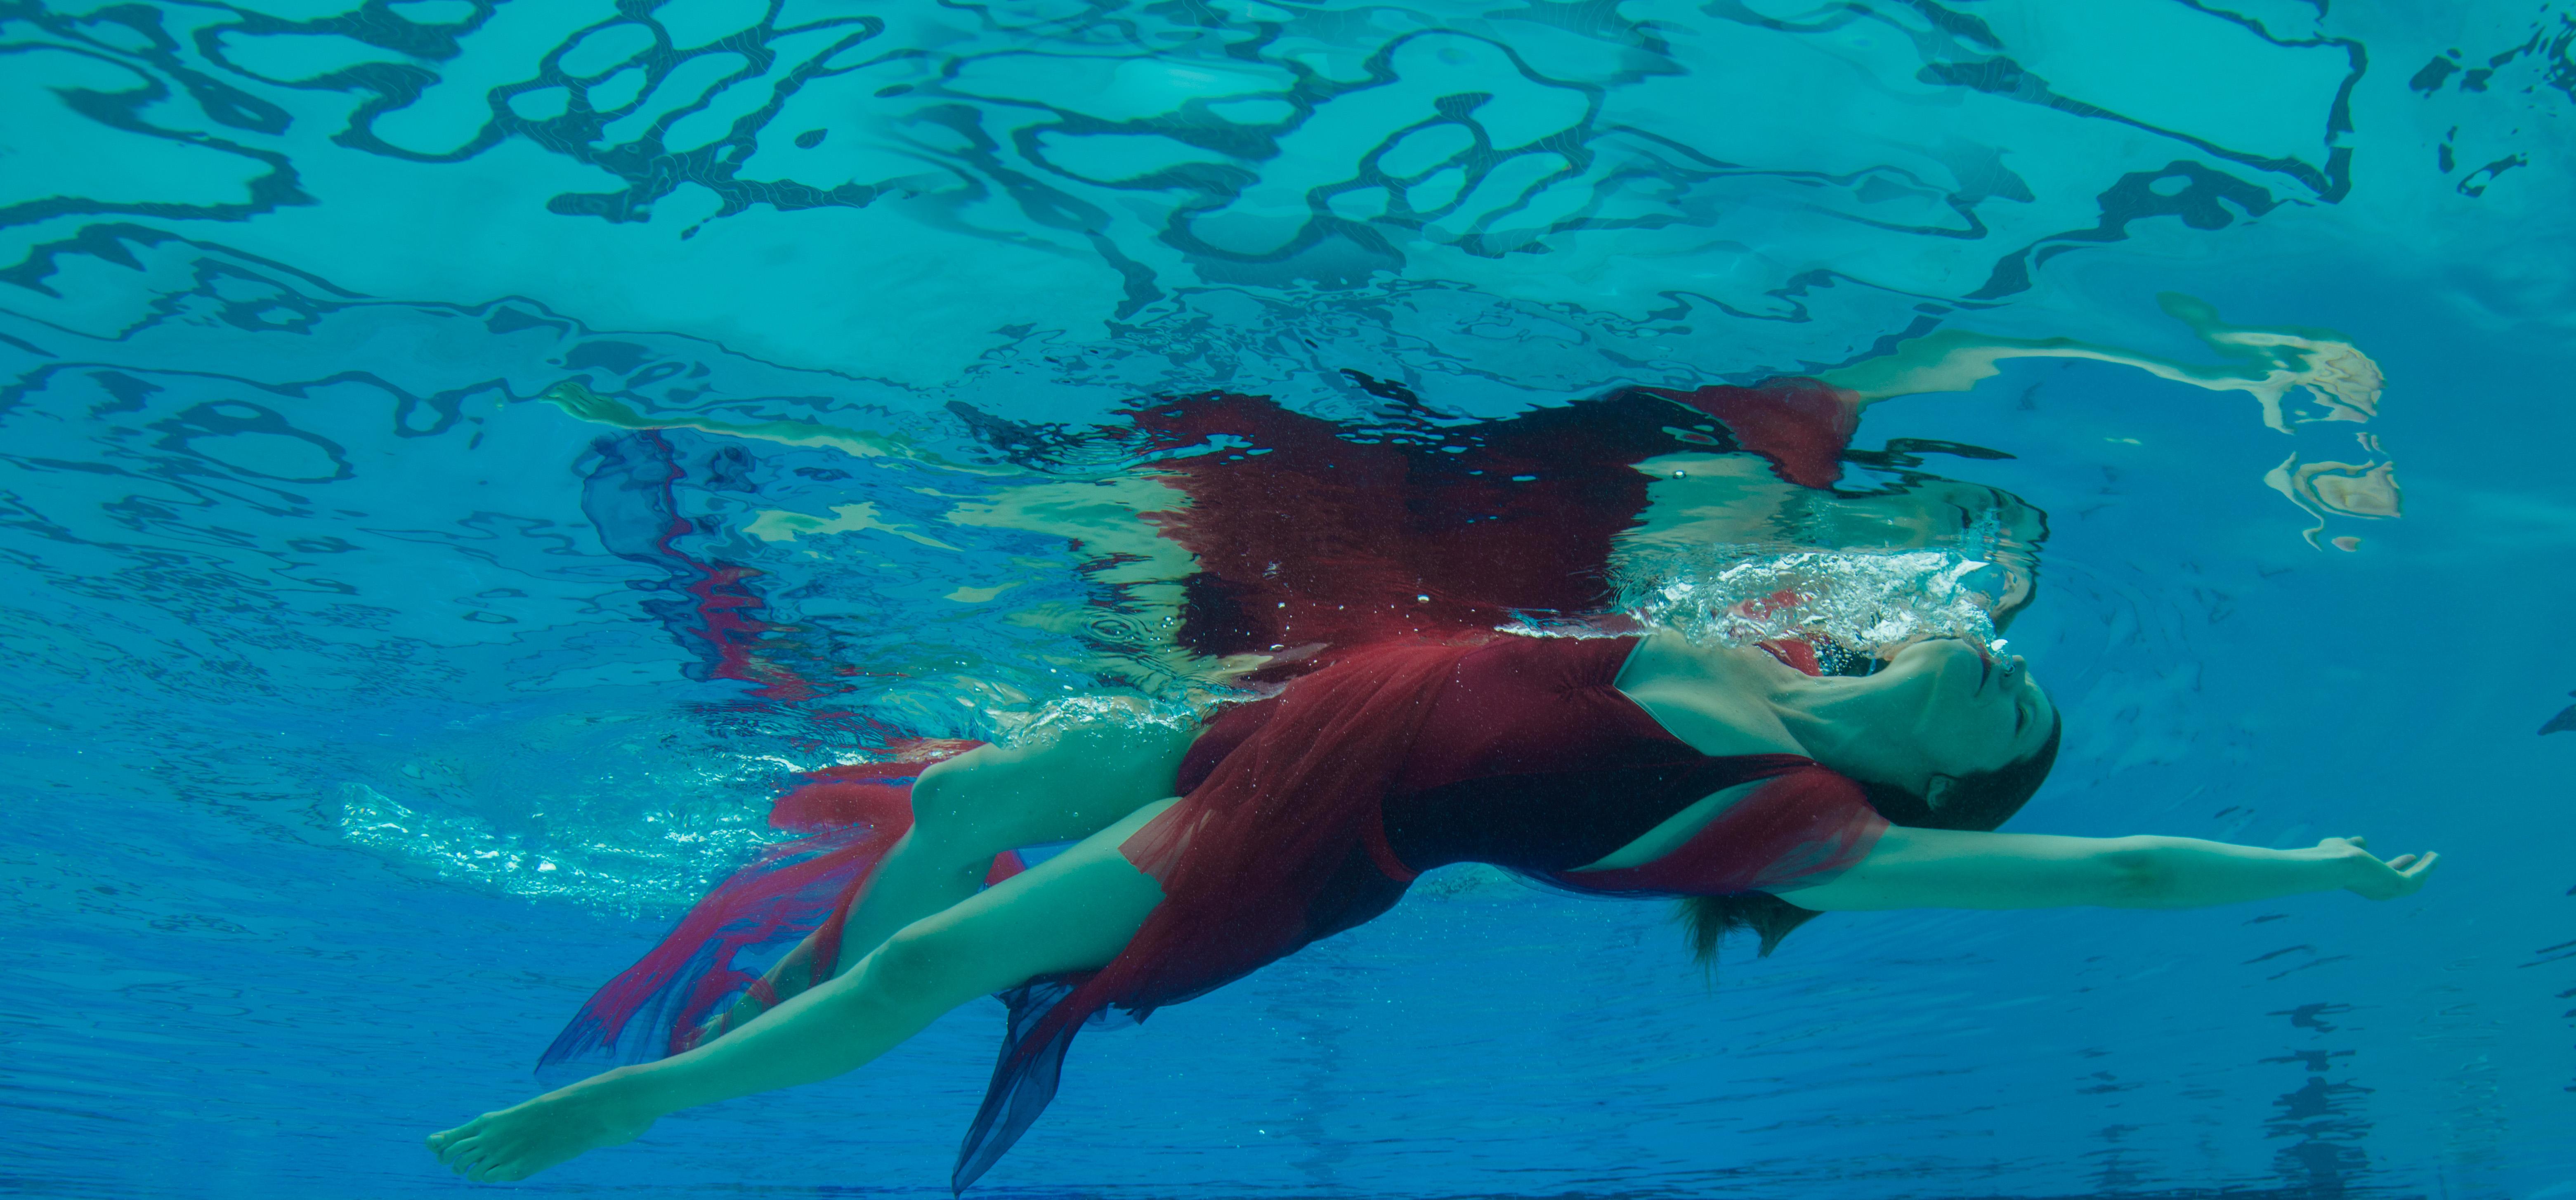 UnderwaterPhotography-12